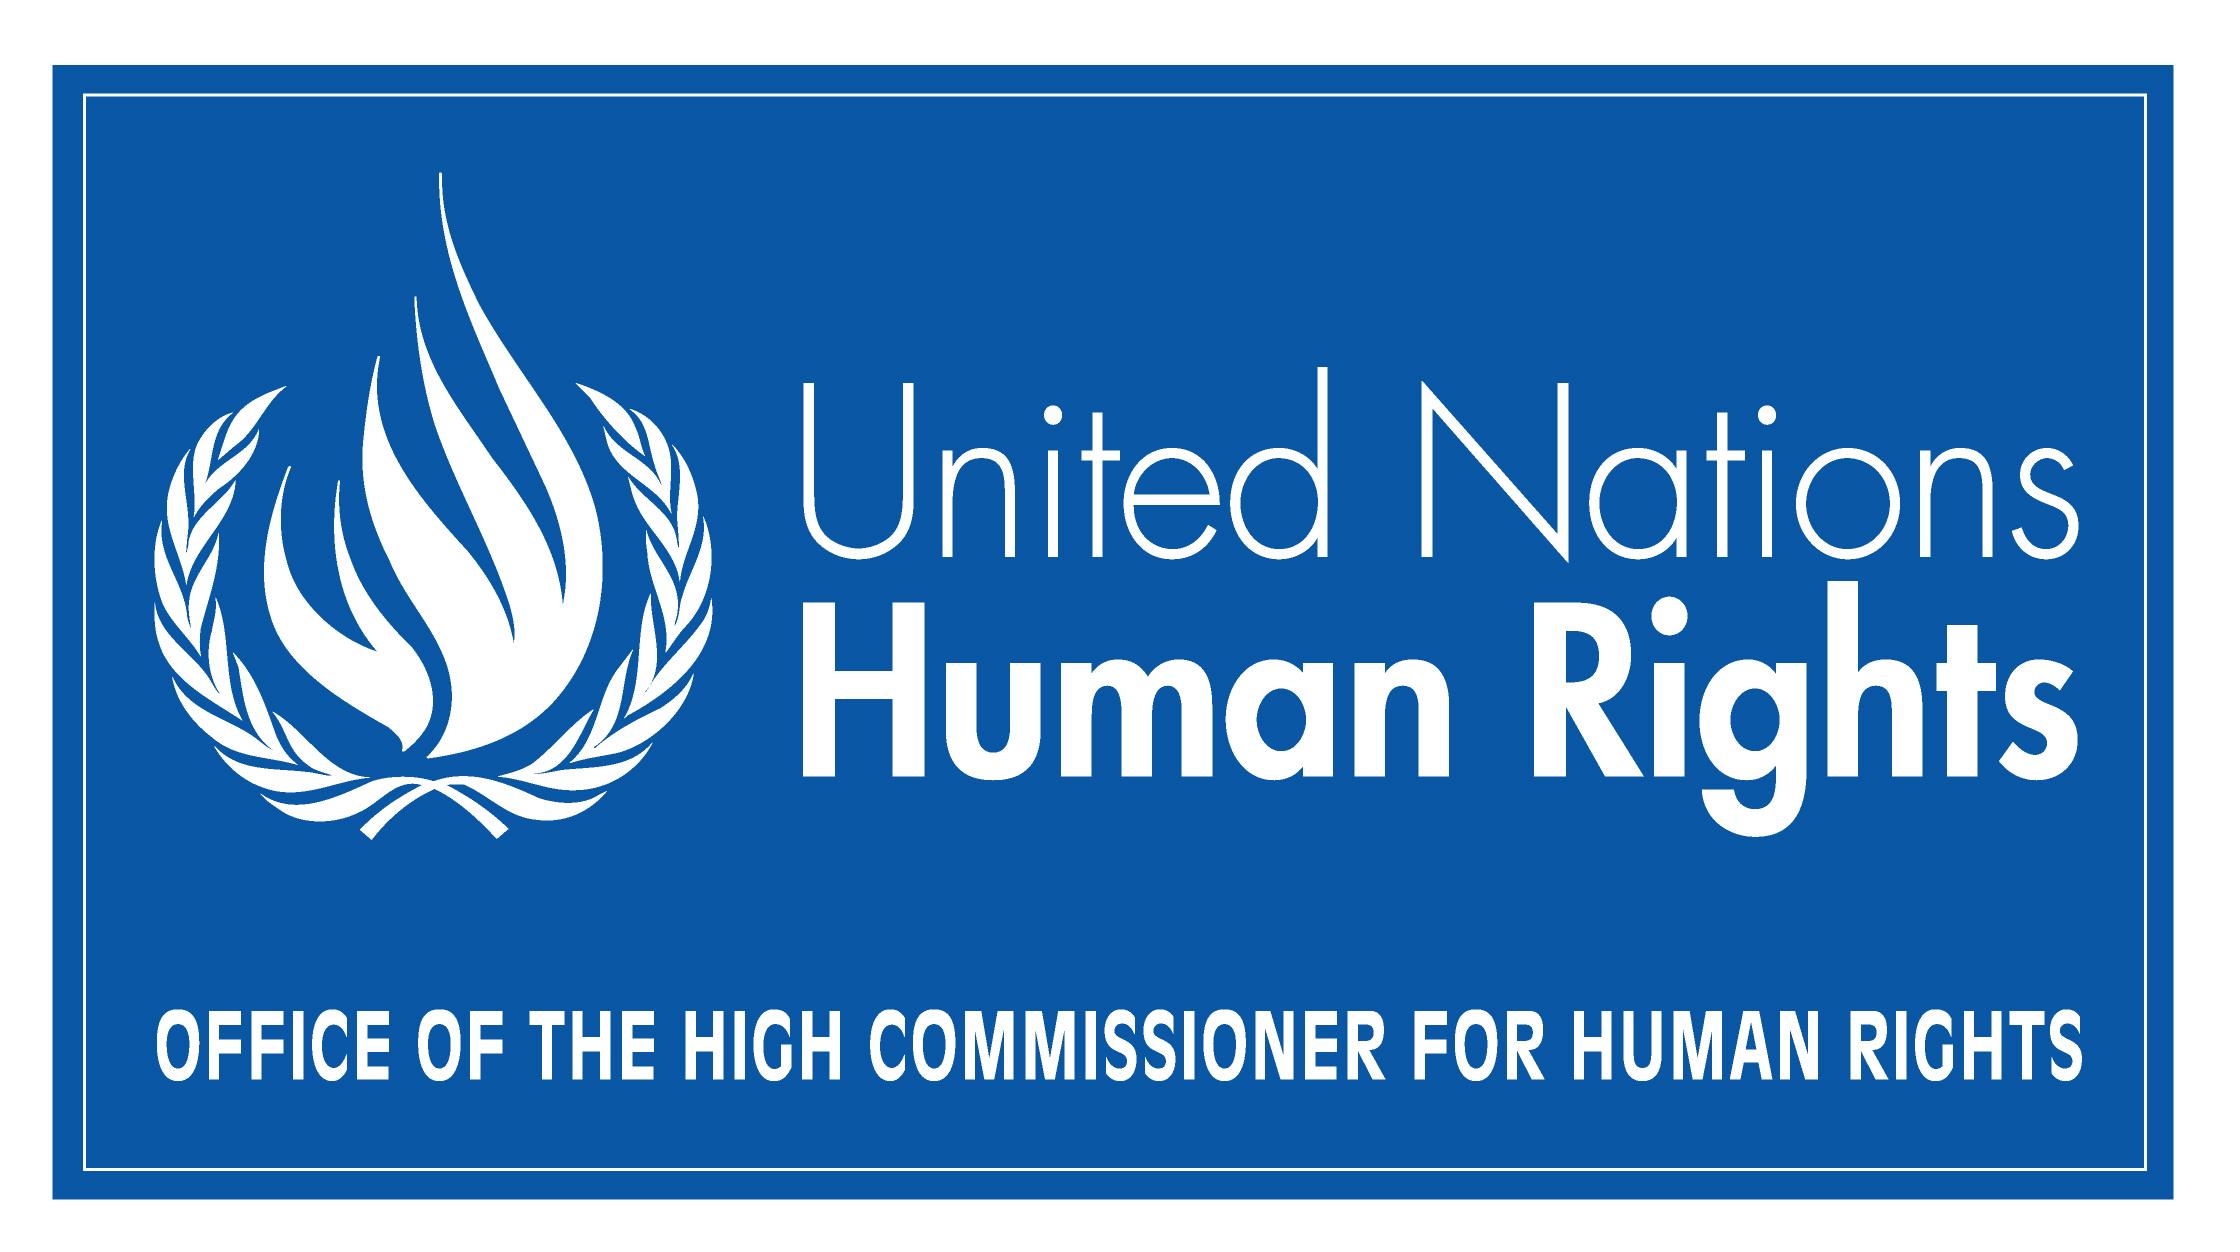 Logo Ufficio dell'Alto Commissario per i diritti umani delle Nazioni Unite di Ginevra